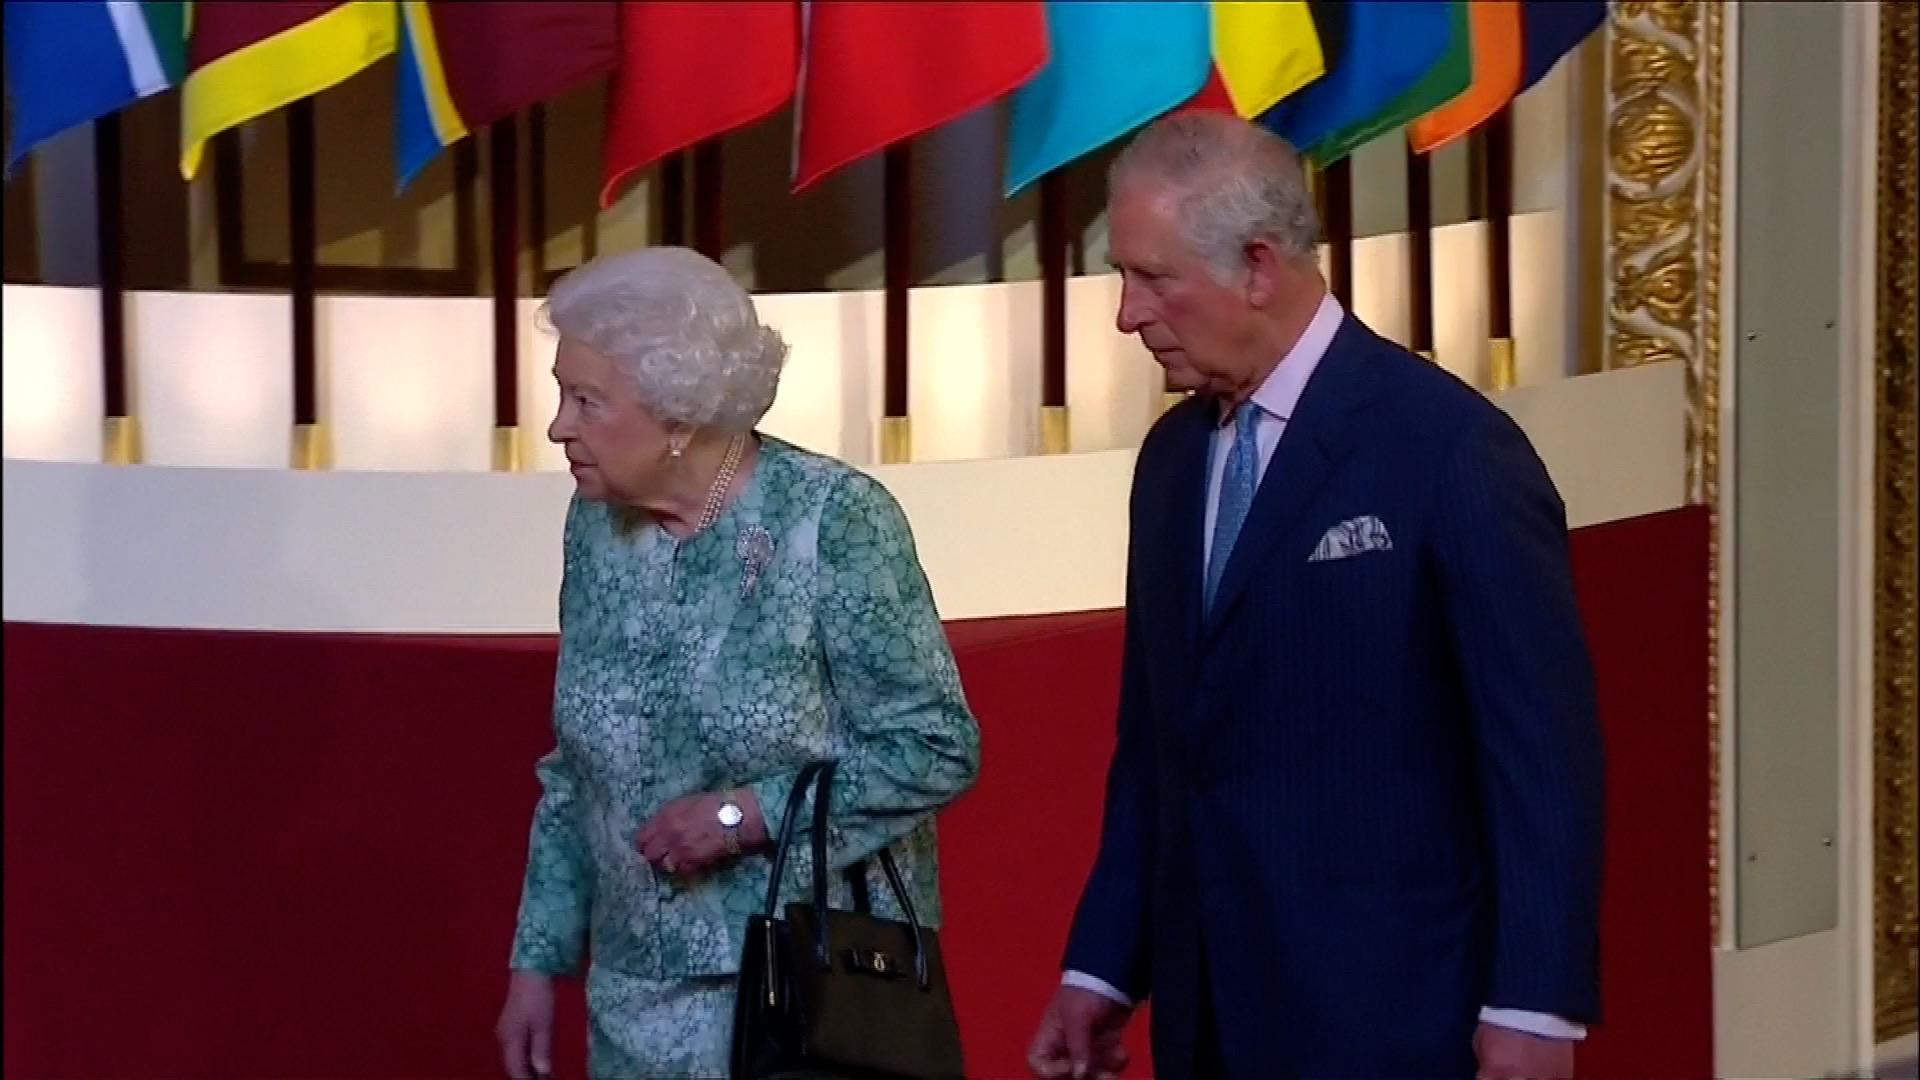 V Londýně se sešel Commonwealth. Kromě životního prostředí se otevře i otázka, kdo bude hlavou společenství